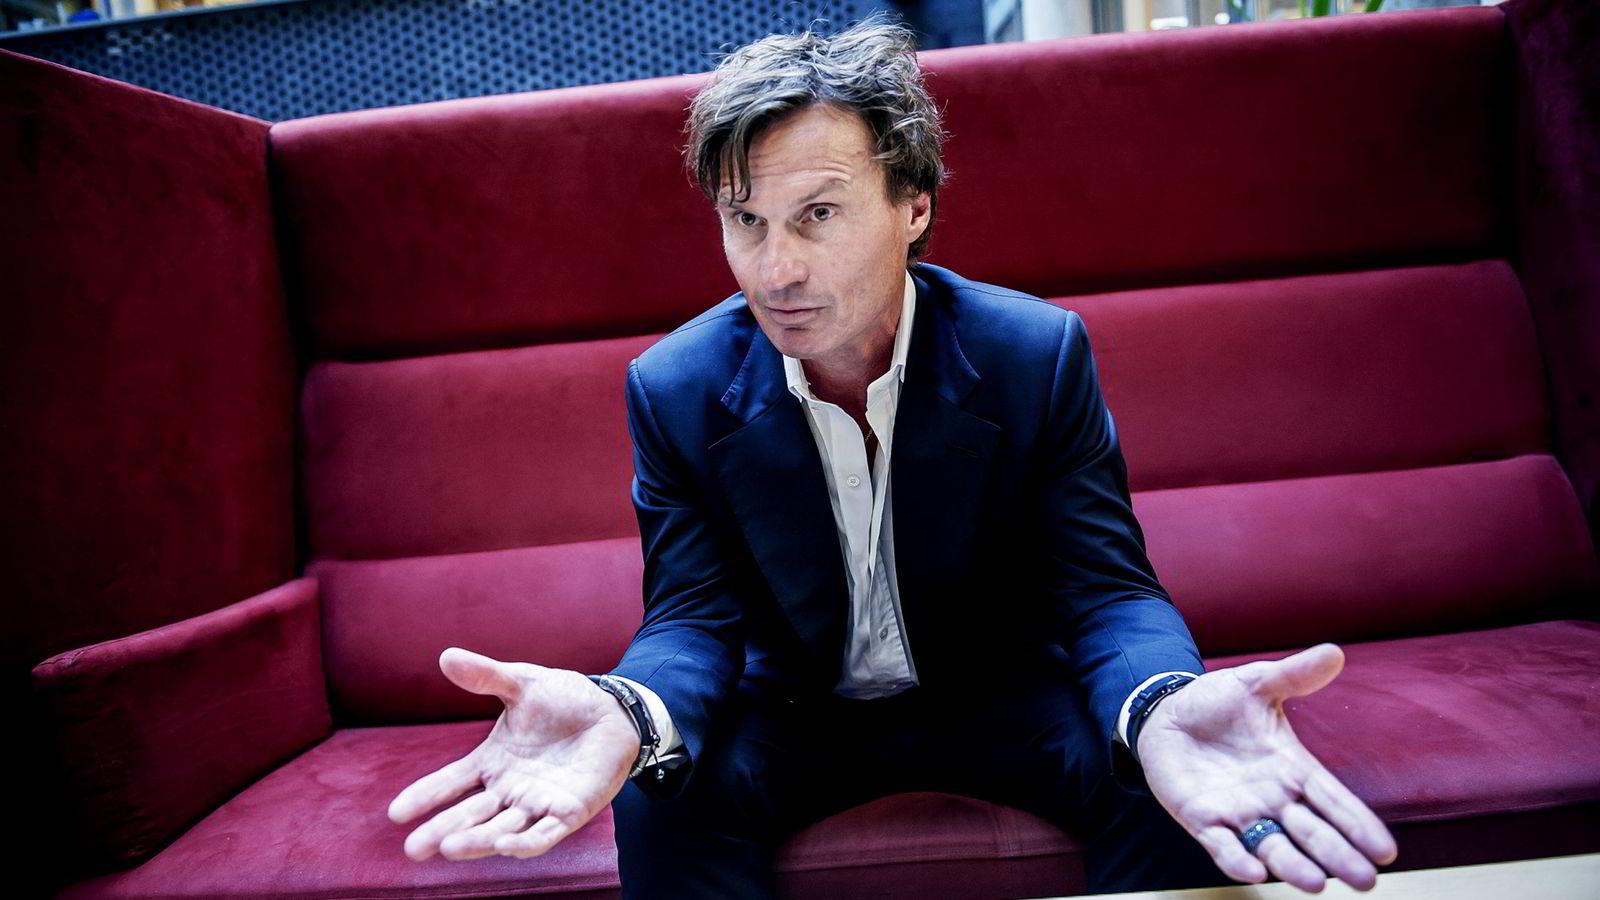 Hotelleier Petter Stordalen mener konkurrenten har gjort en rekke feil i satsingen. Foto: Gorm K. Gaare